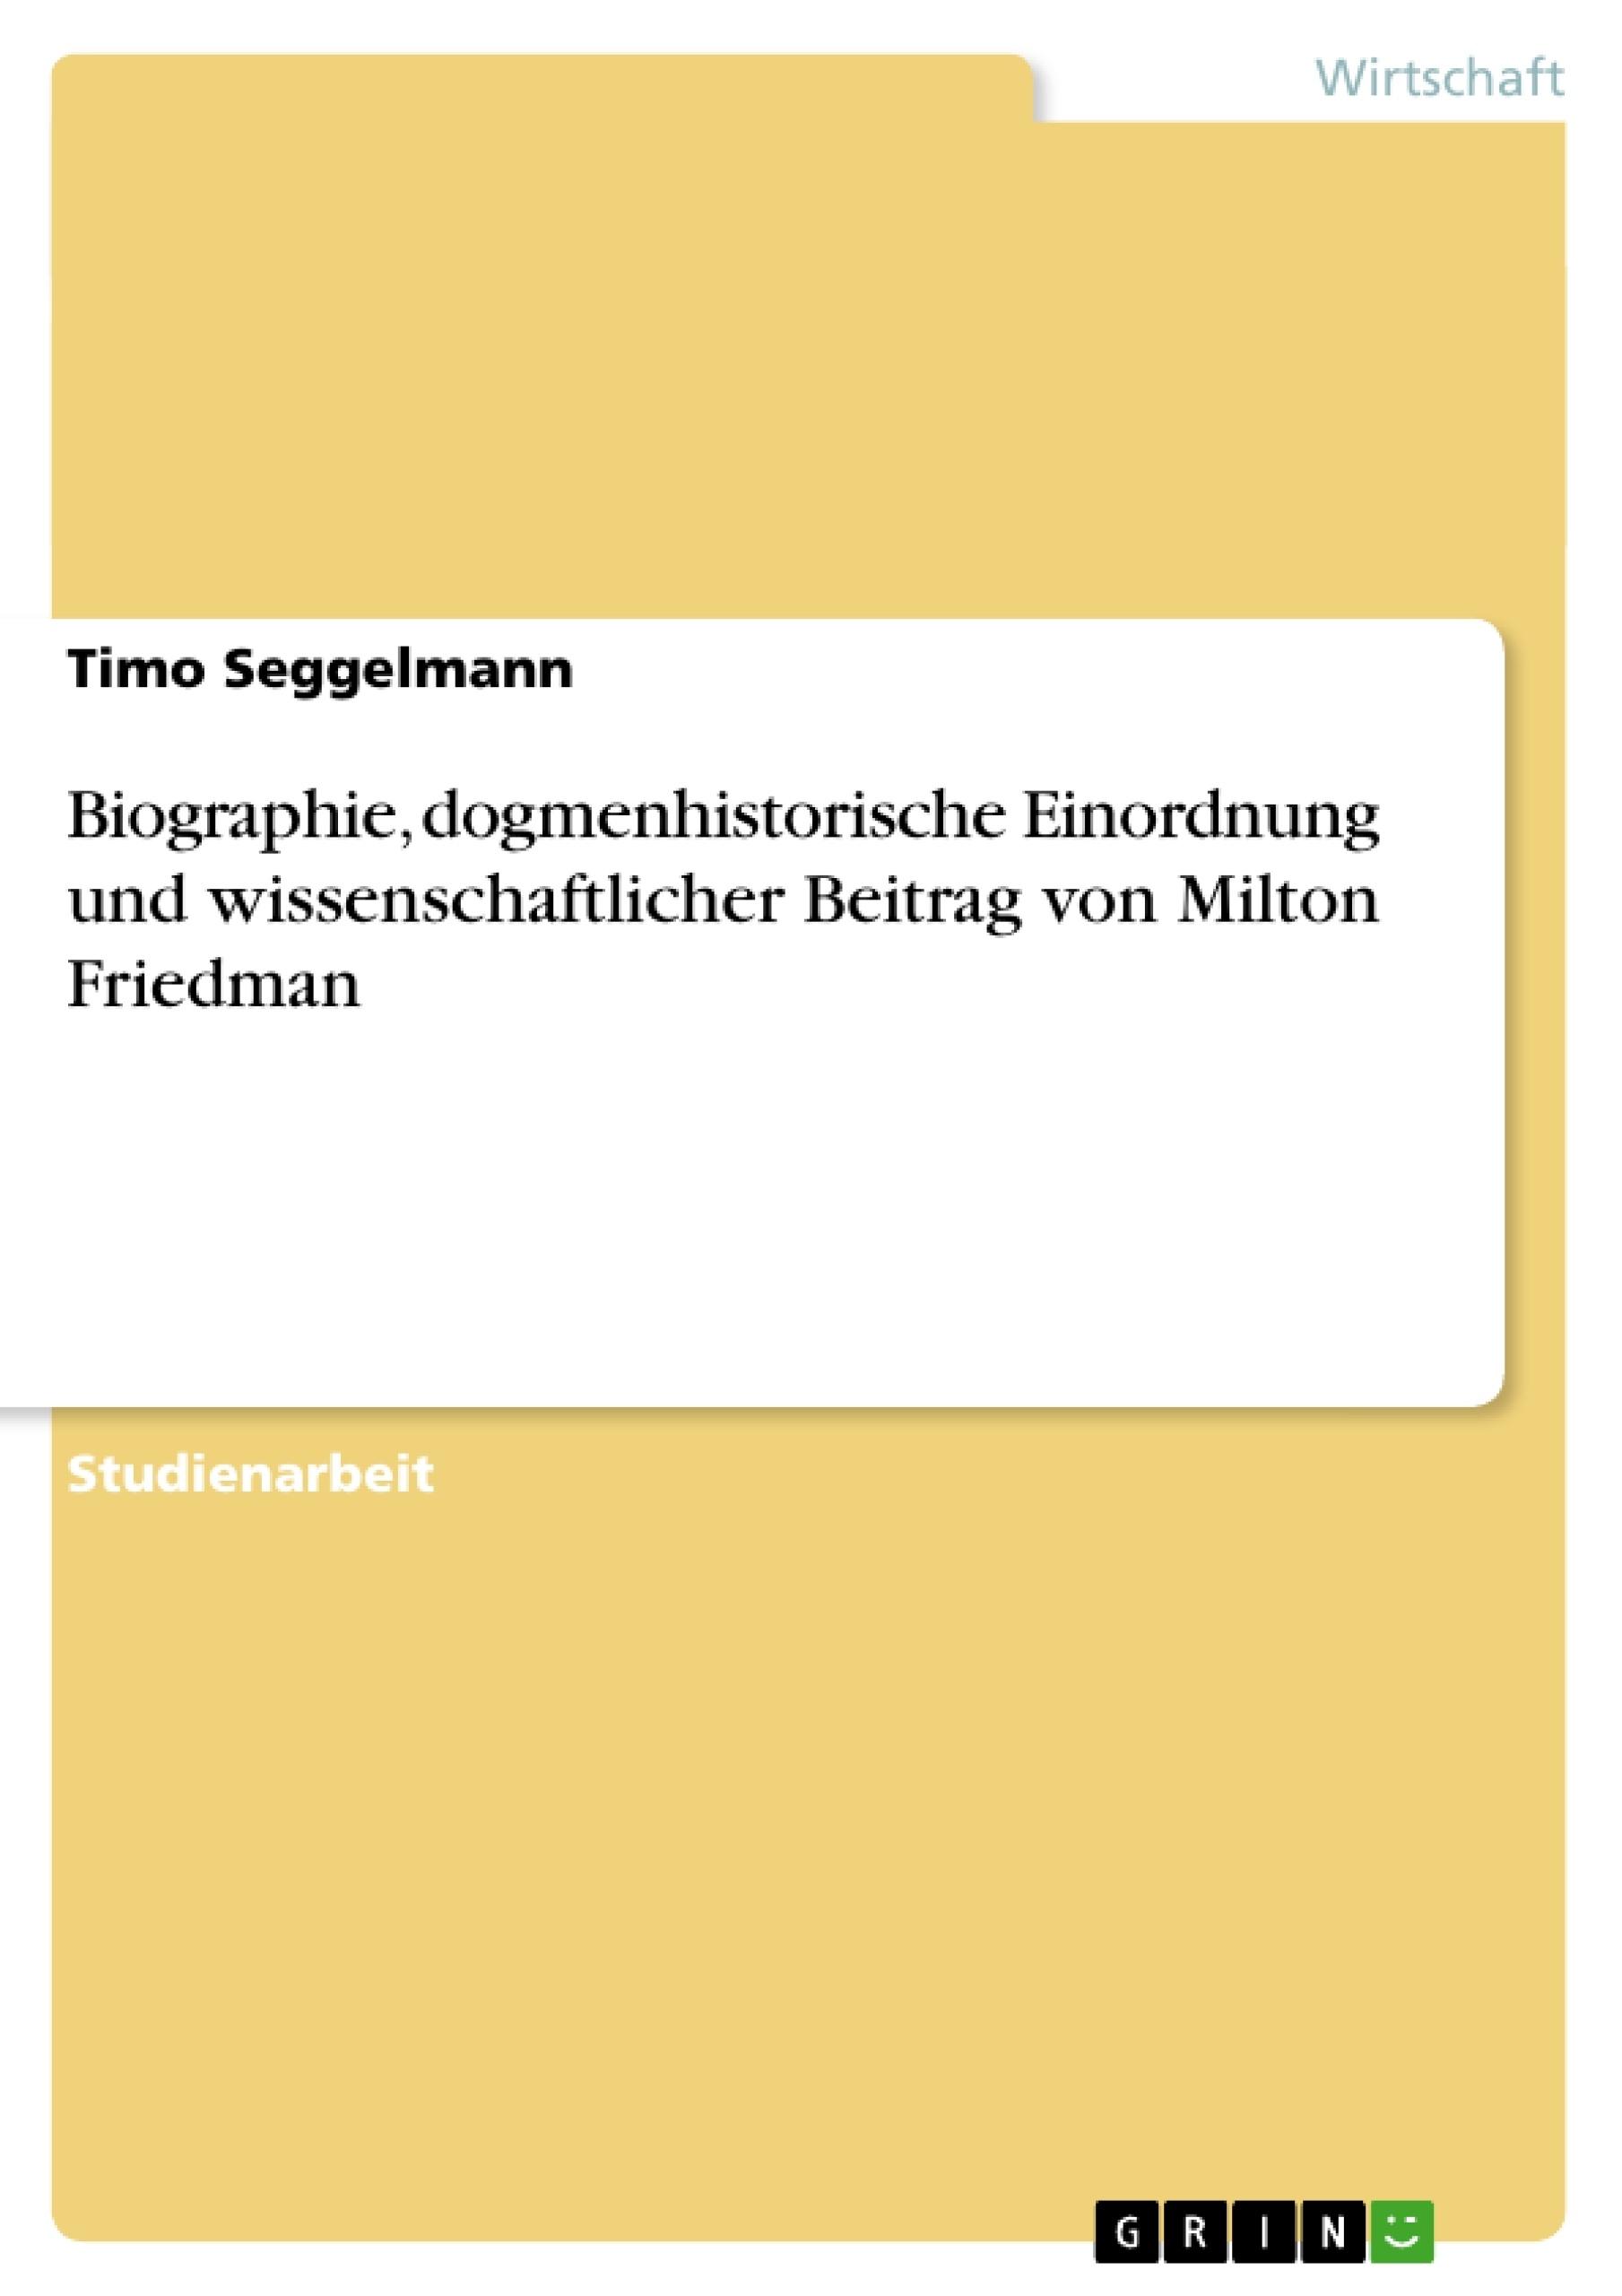 Titel: Biographie, dogmenhistorische Einordnung und wissenschaftlicher Beitrag von Milton Friedman